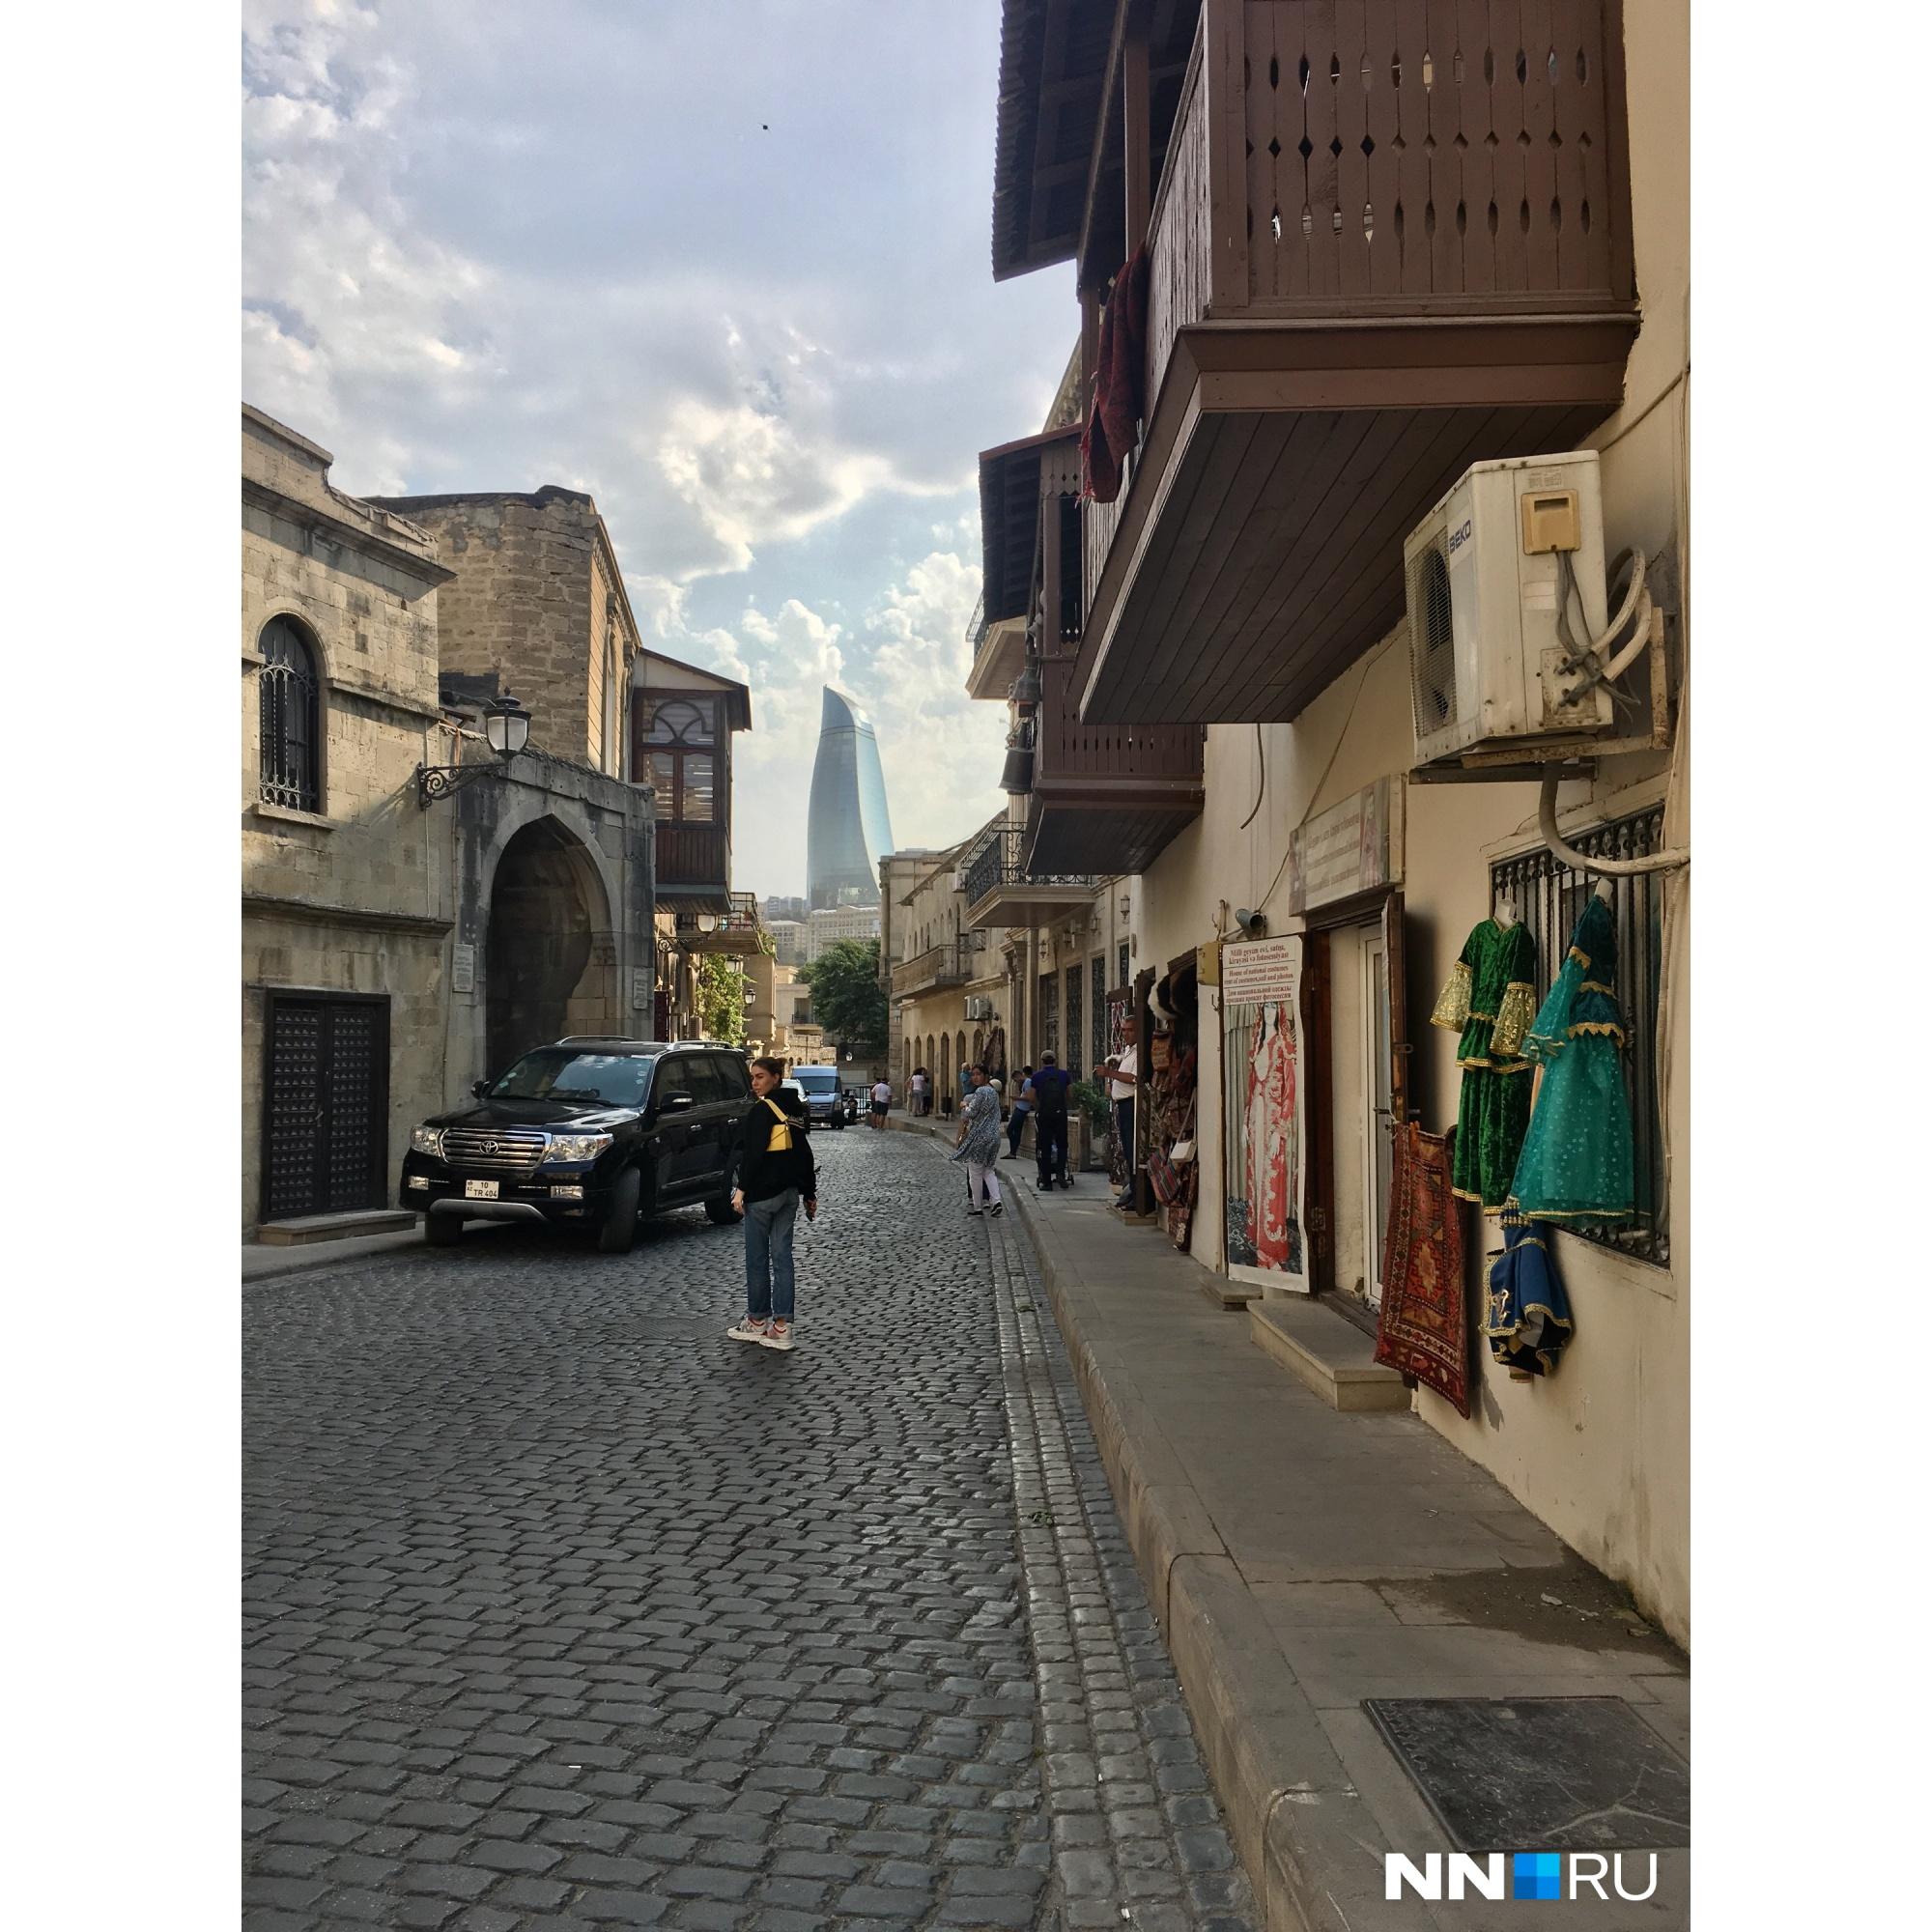 Баку — город контрастов. Старинная архитектура здесь успешно сочетается с высотками из стекла и металла<br>